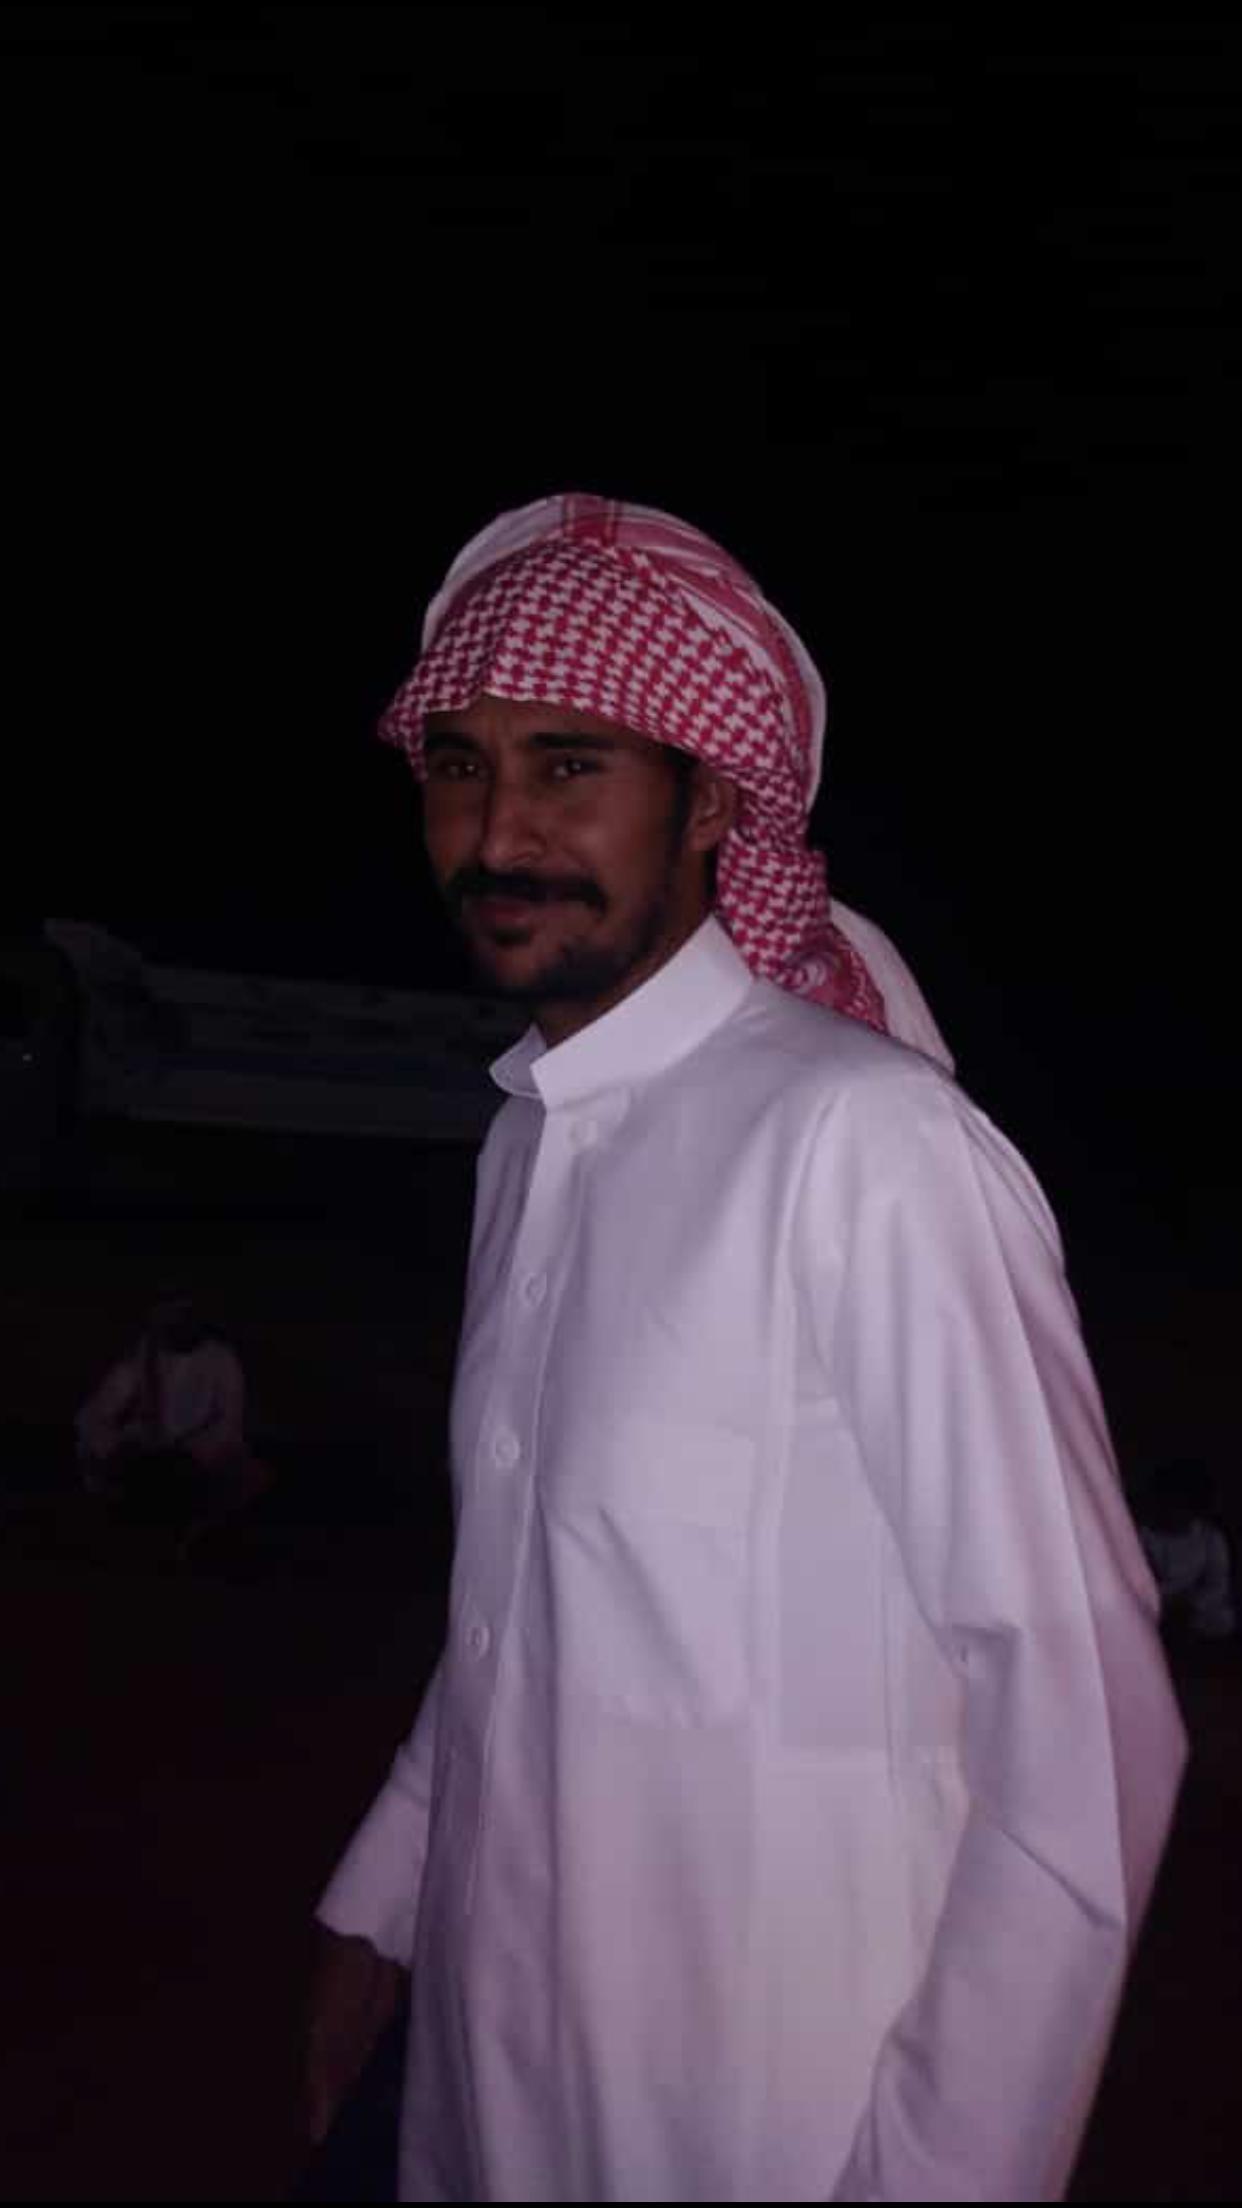 الشاب / حمدان فرج الجحم البلوي يحتفل بزواجه 82B49536 B05D 4A62 B0A7 E8A19F366DB8